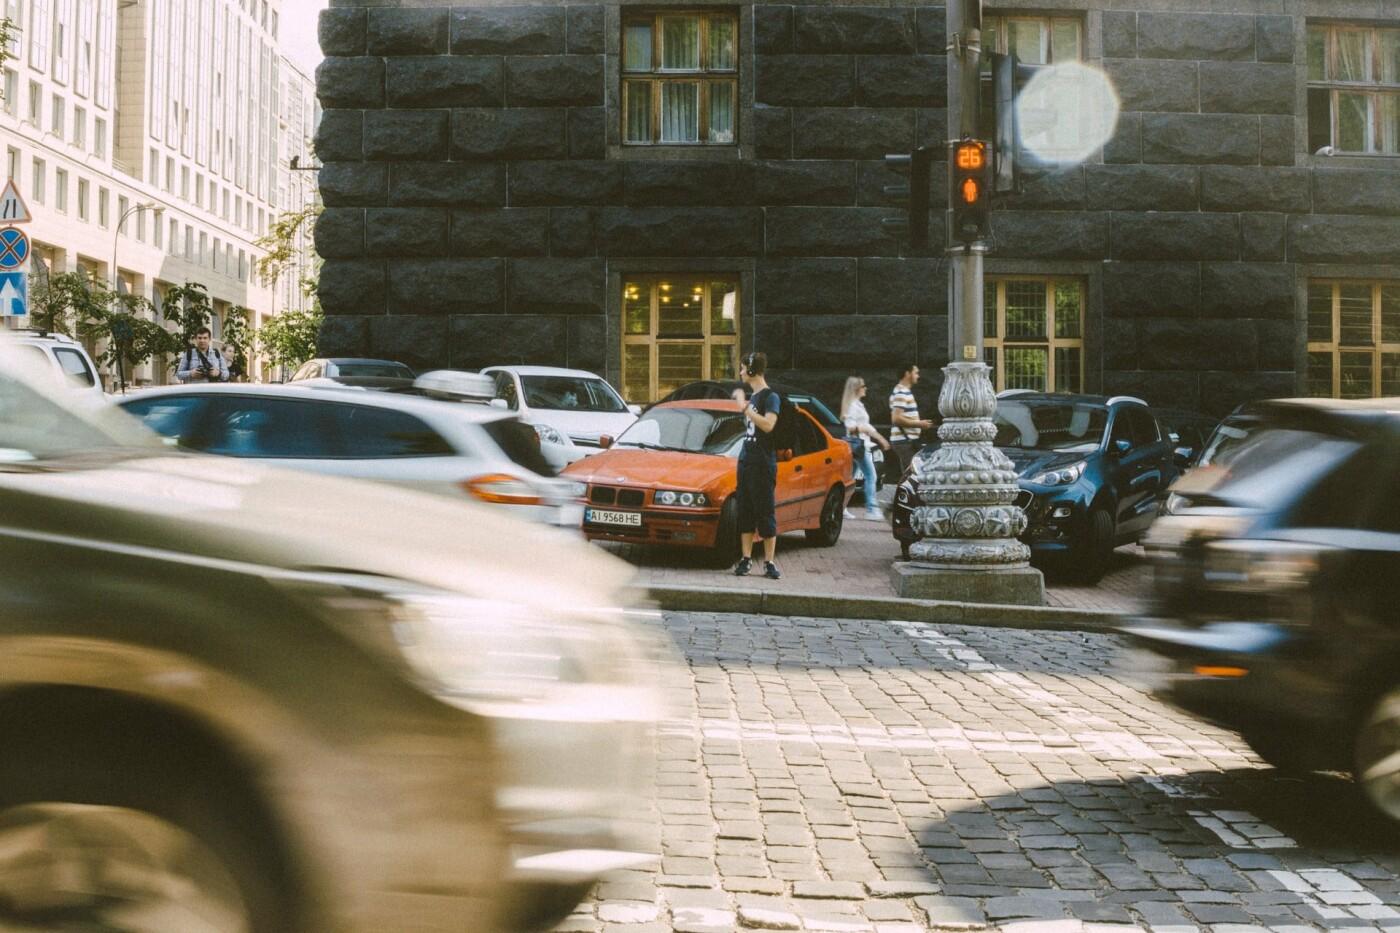 Пробки Киев онлайн: текущая ситуация с движением в городе, - КАРТА, Фото: Yanny Mishchuk